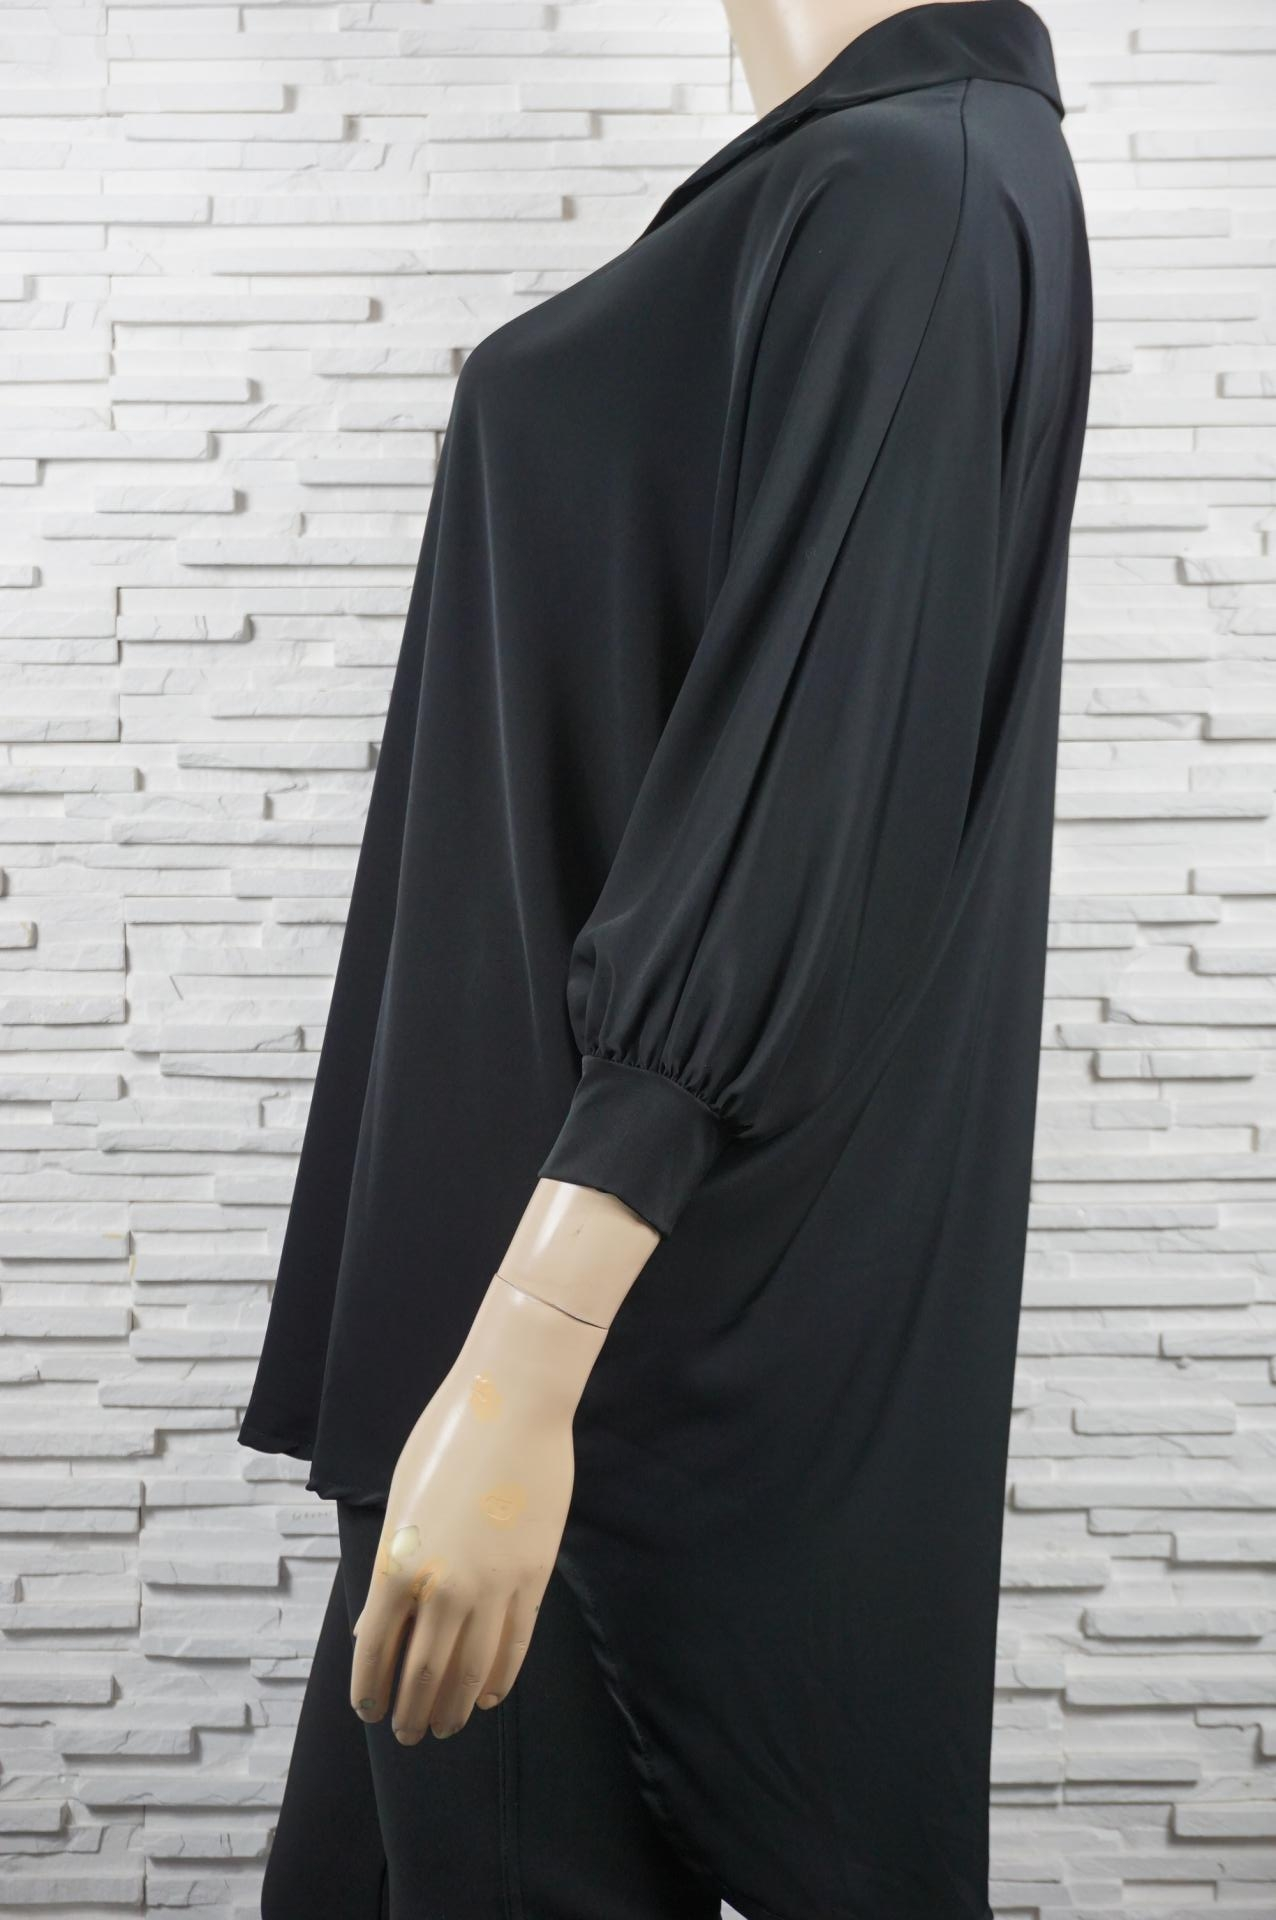 Chemise ou blouse longue chauve-souris.